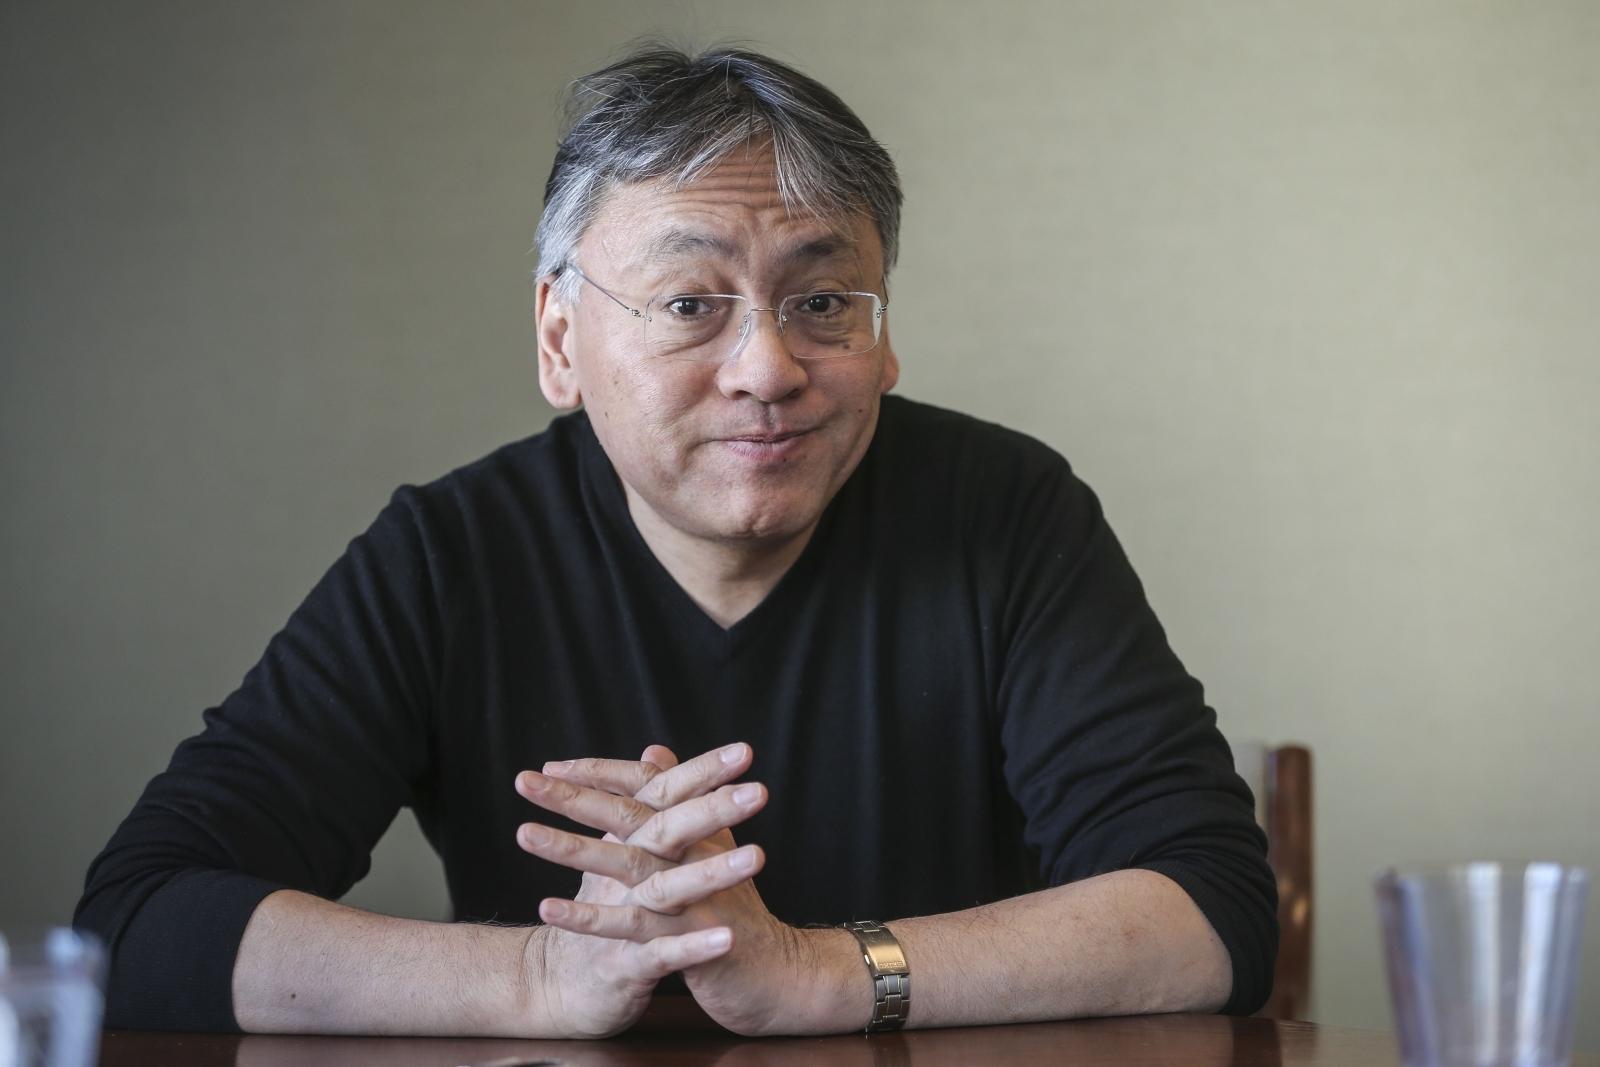 British novelist Kazuo Ishiguro has won the 2017 Nobel Prize for Literature